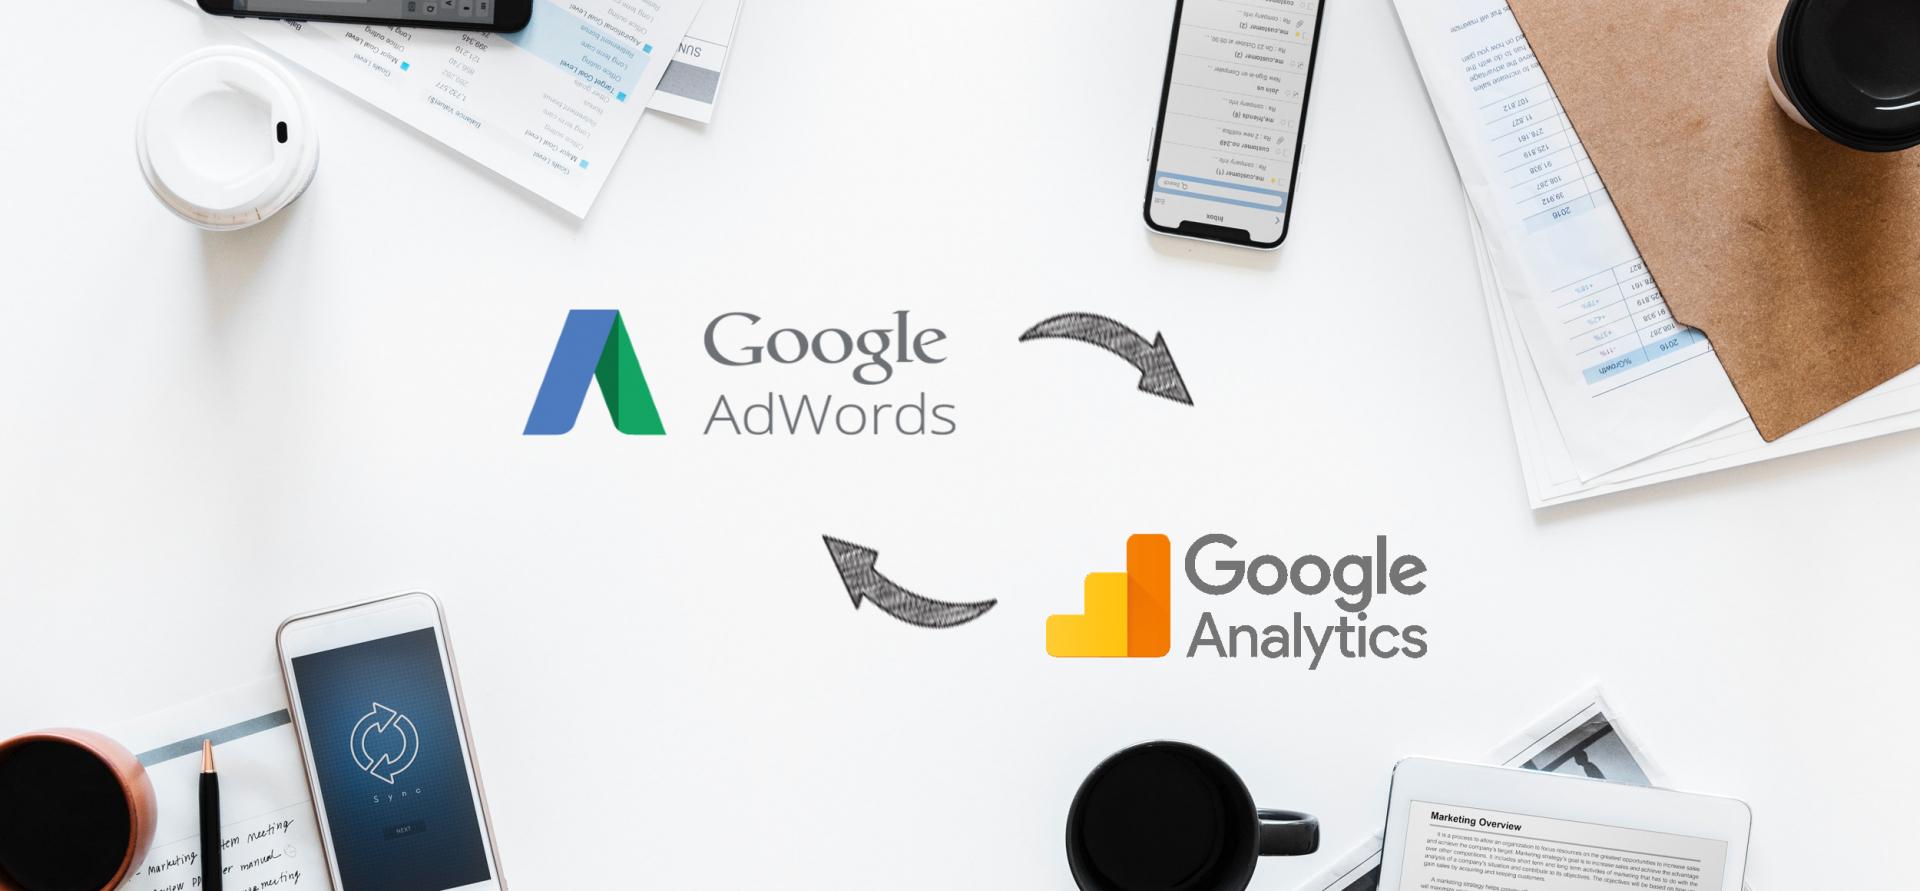 Σεμινάριο Google Adwords και Analytics